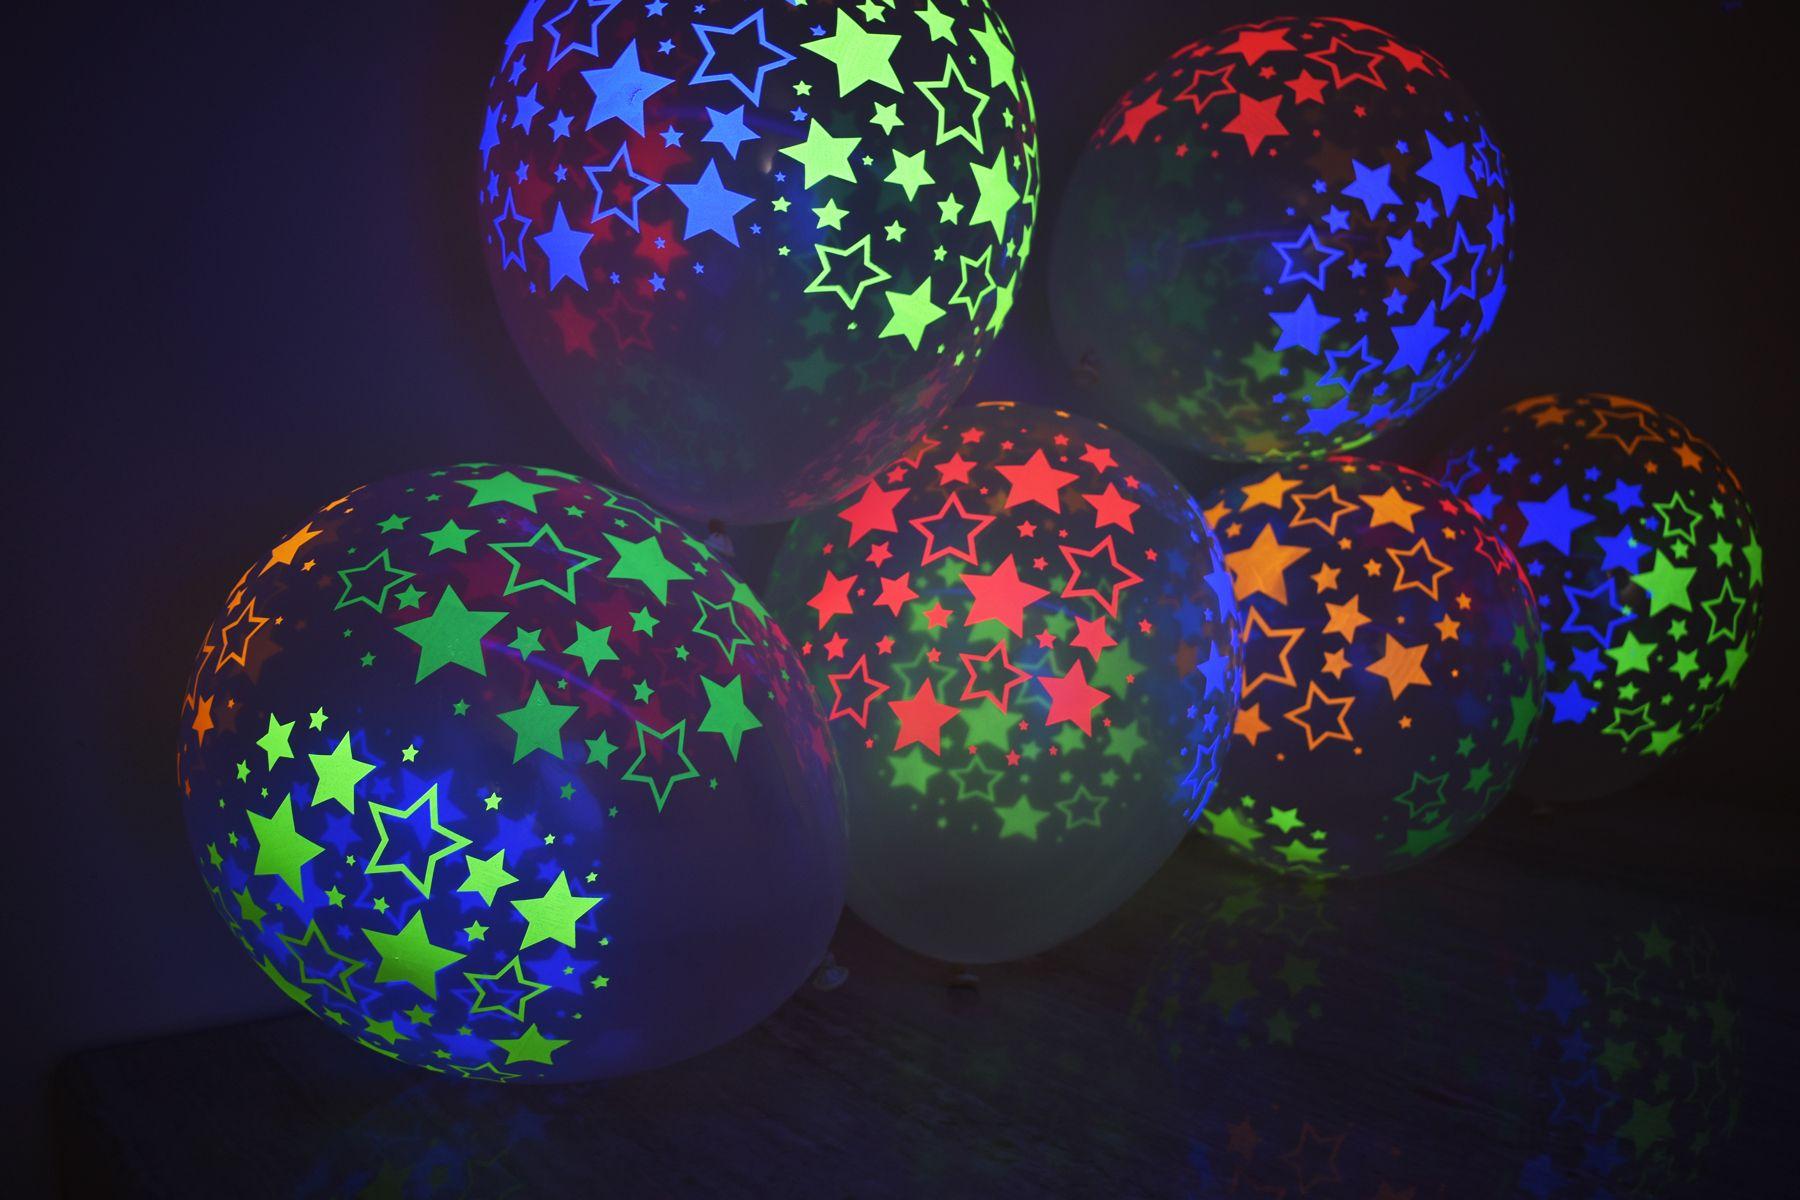 Christmas Happy New Year LED Flashing Glasses Luminous Light Up Party Decor Envy